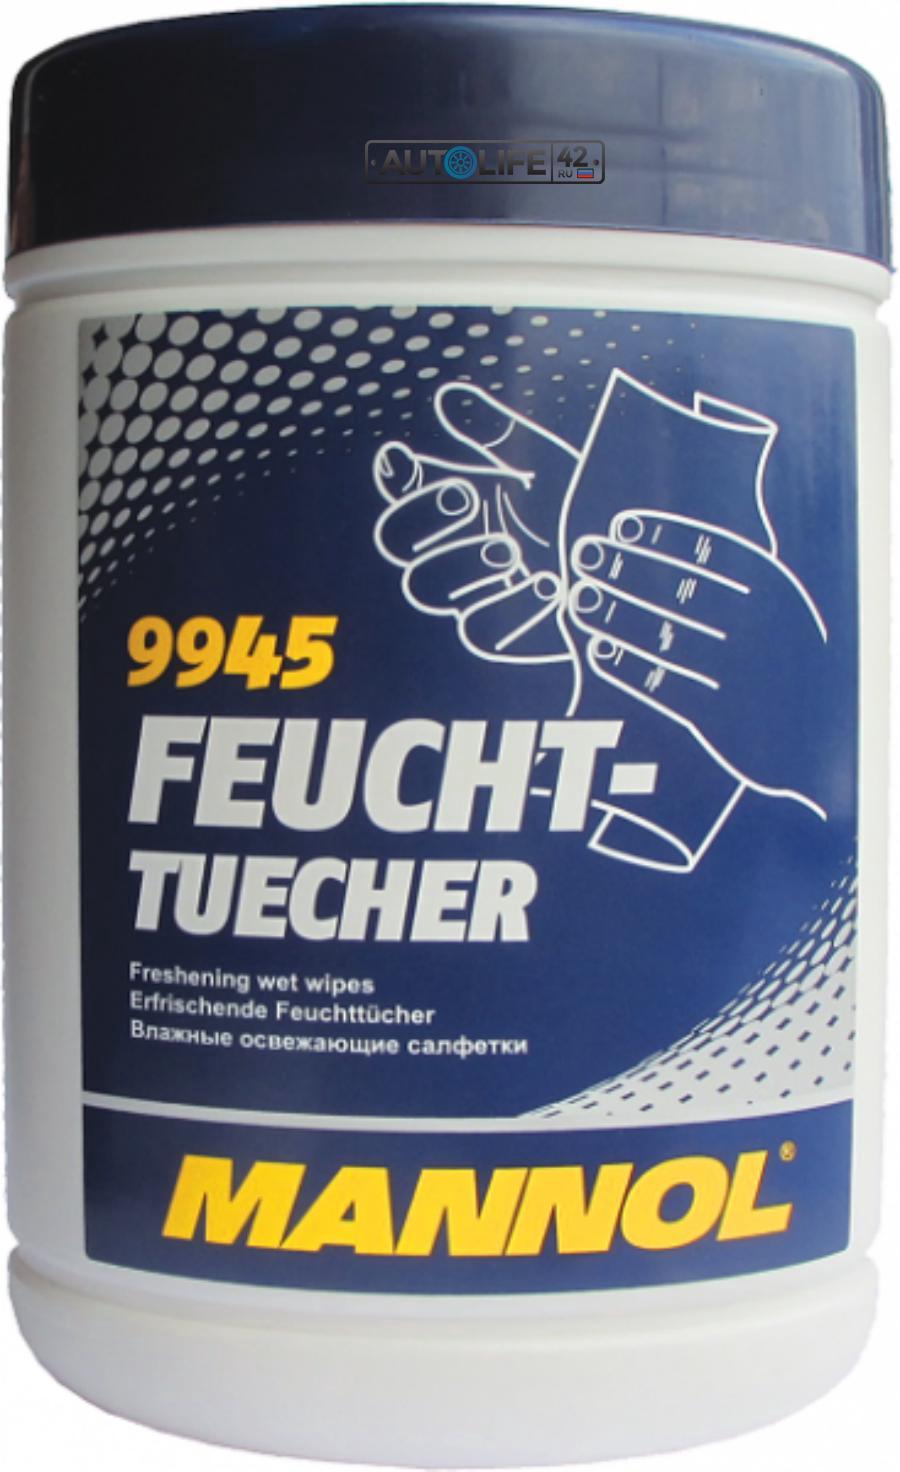 9945 Feuchttuecher